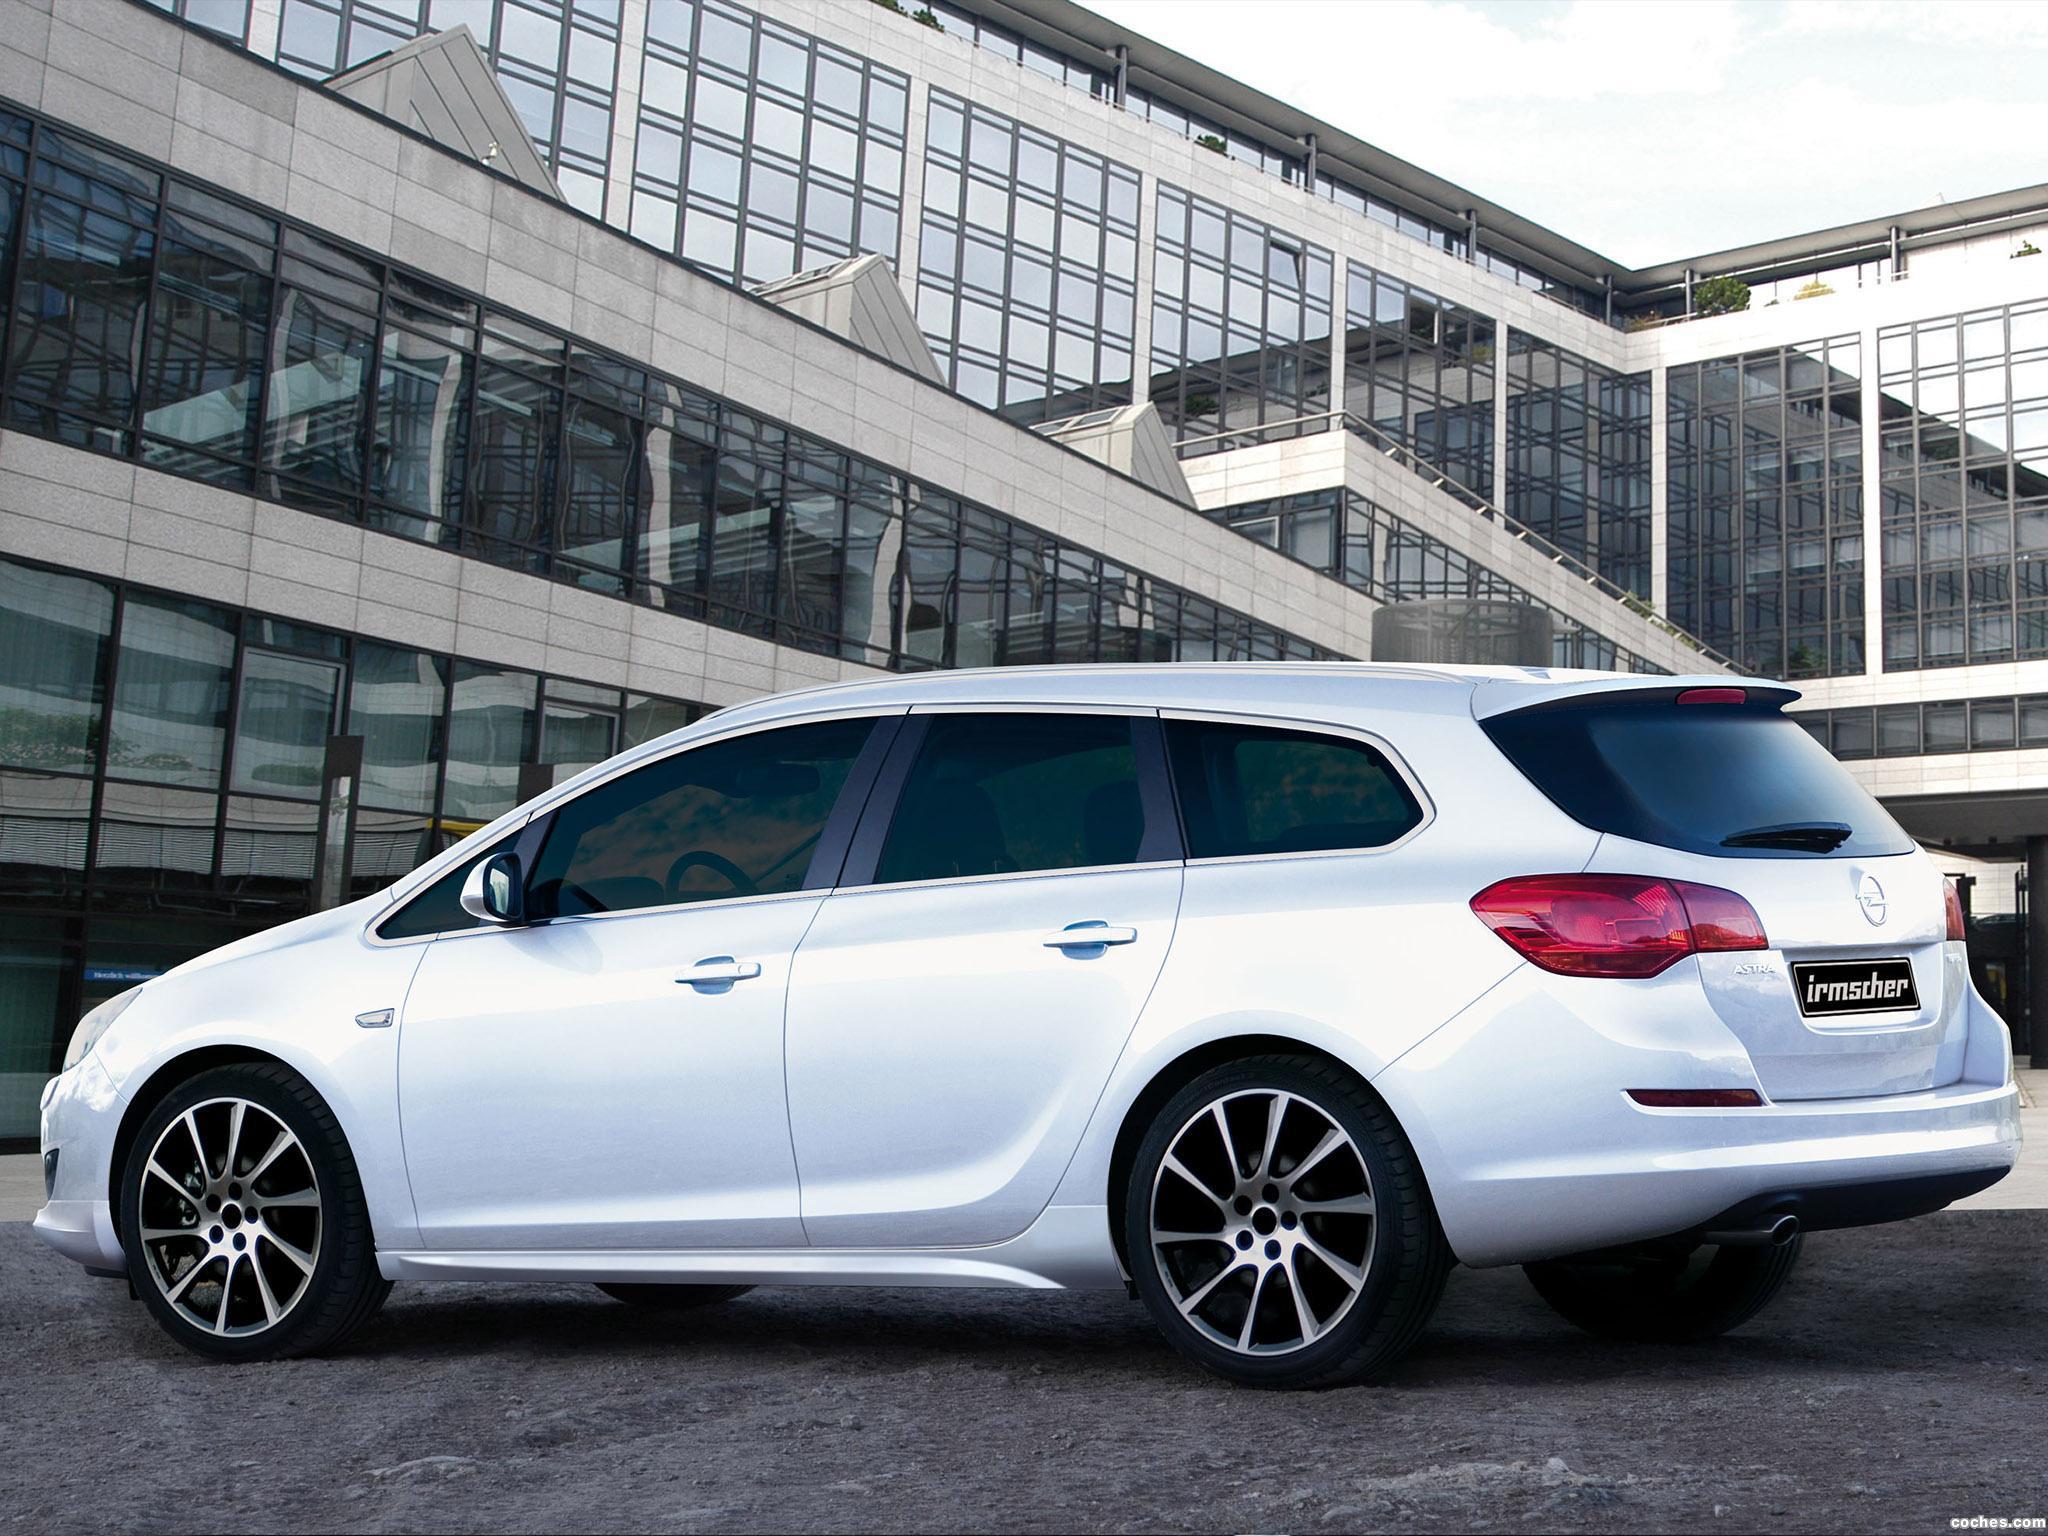 Foto 1 de Irmscher Opel Astra Sport Tourer 2010